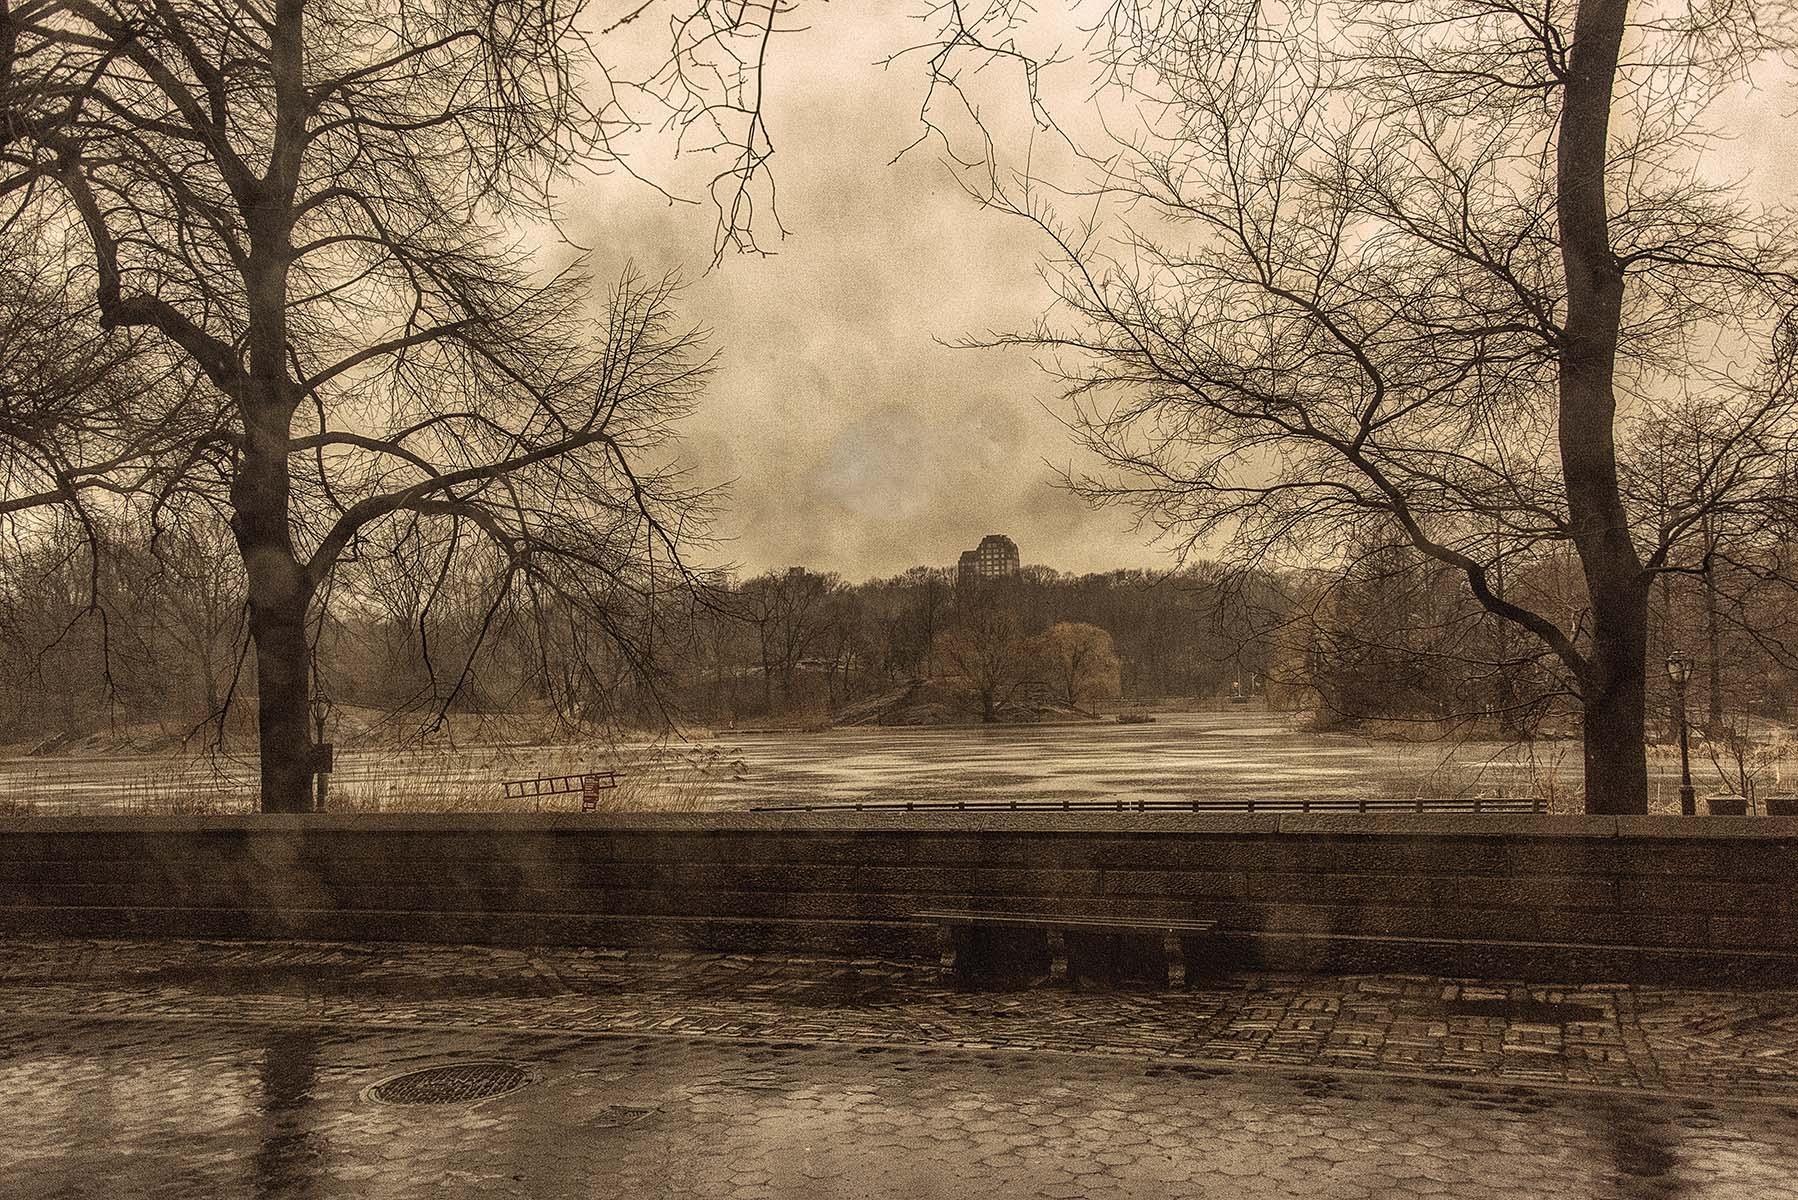 Central Park Harlem Meer - 452